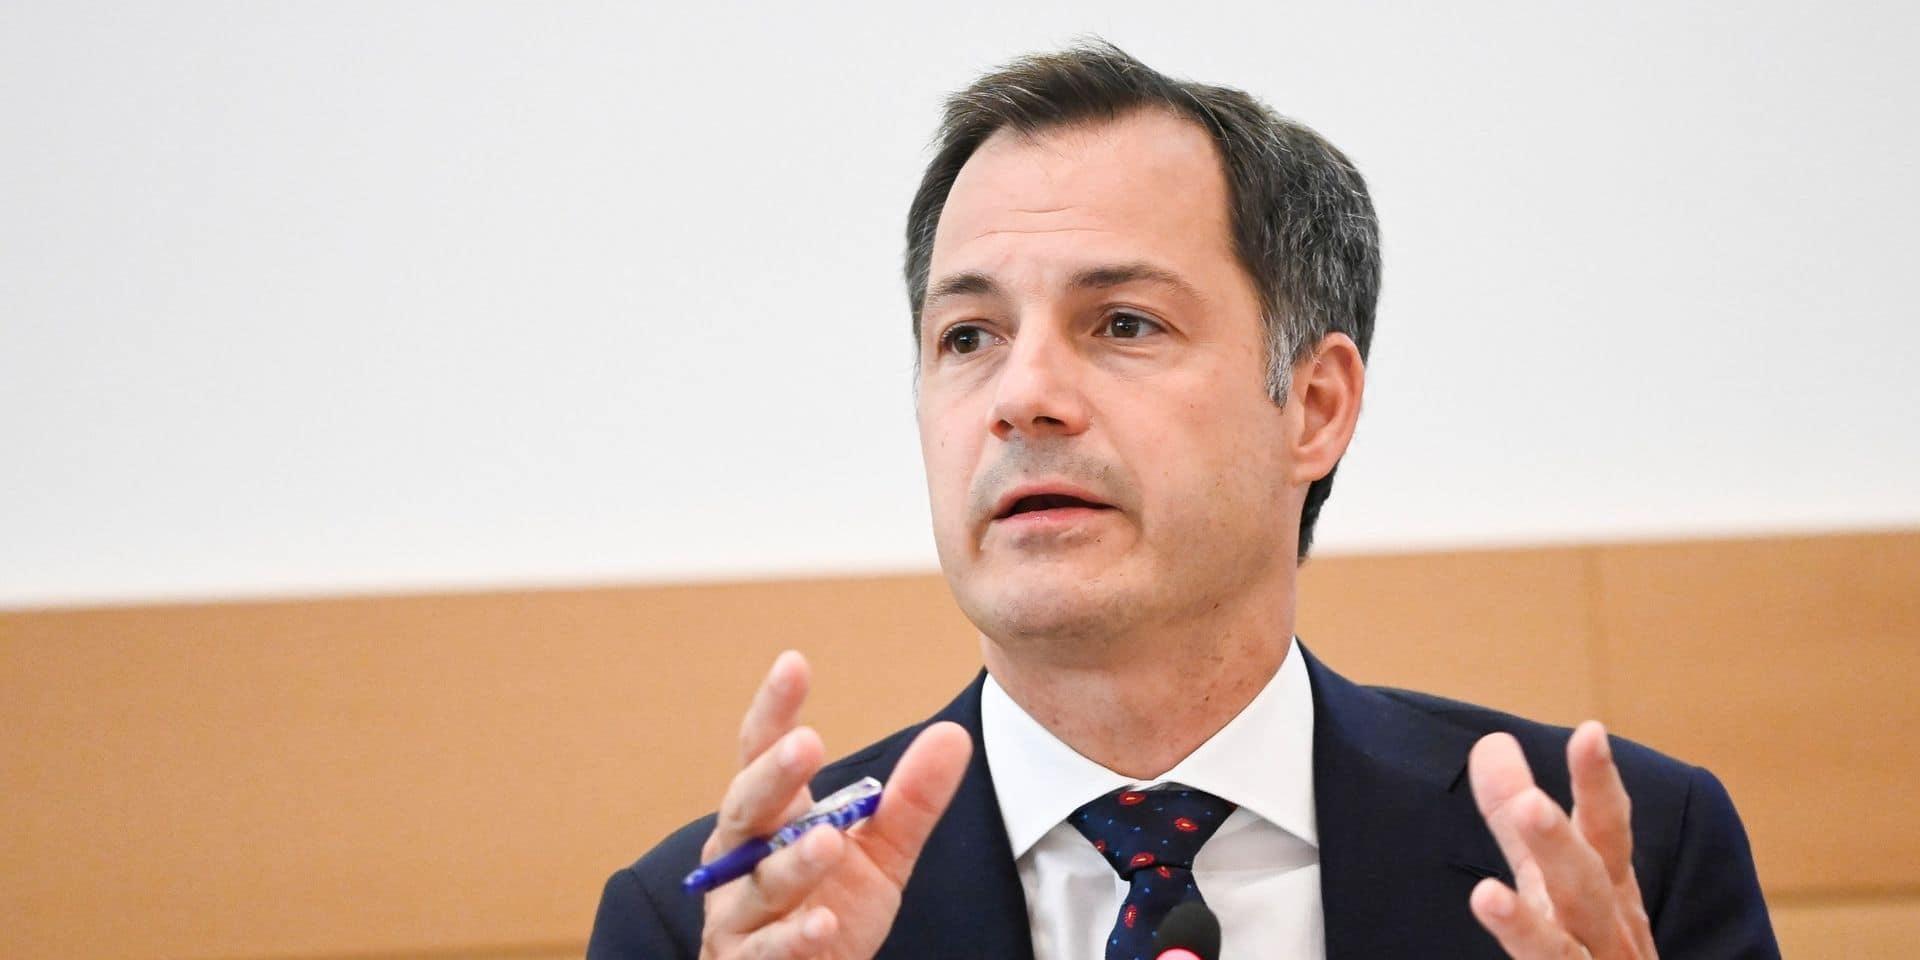 Signes convictionnels: l'opposition demande à De Croo de revenir à la Chambre pour s'expliquer